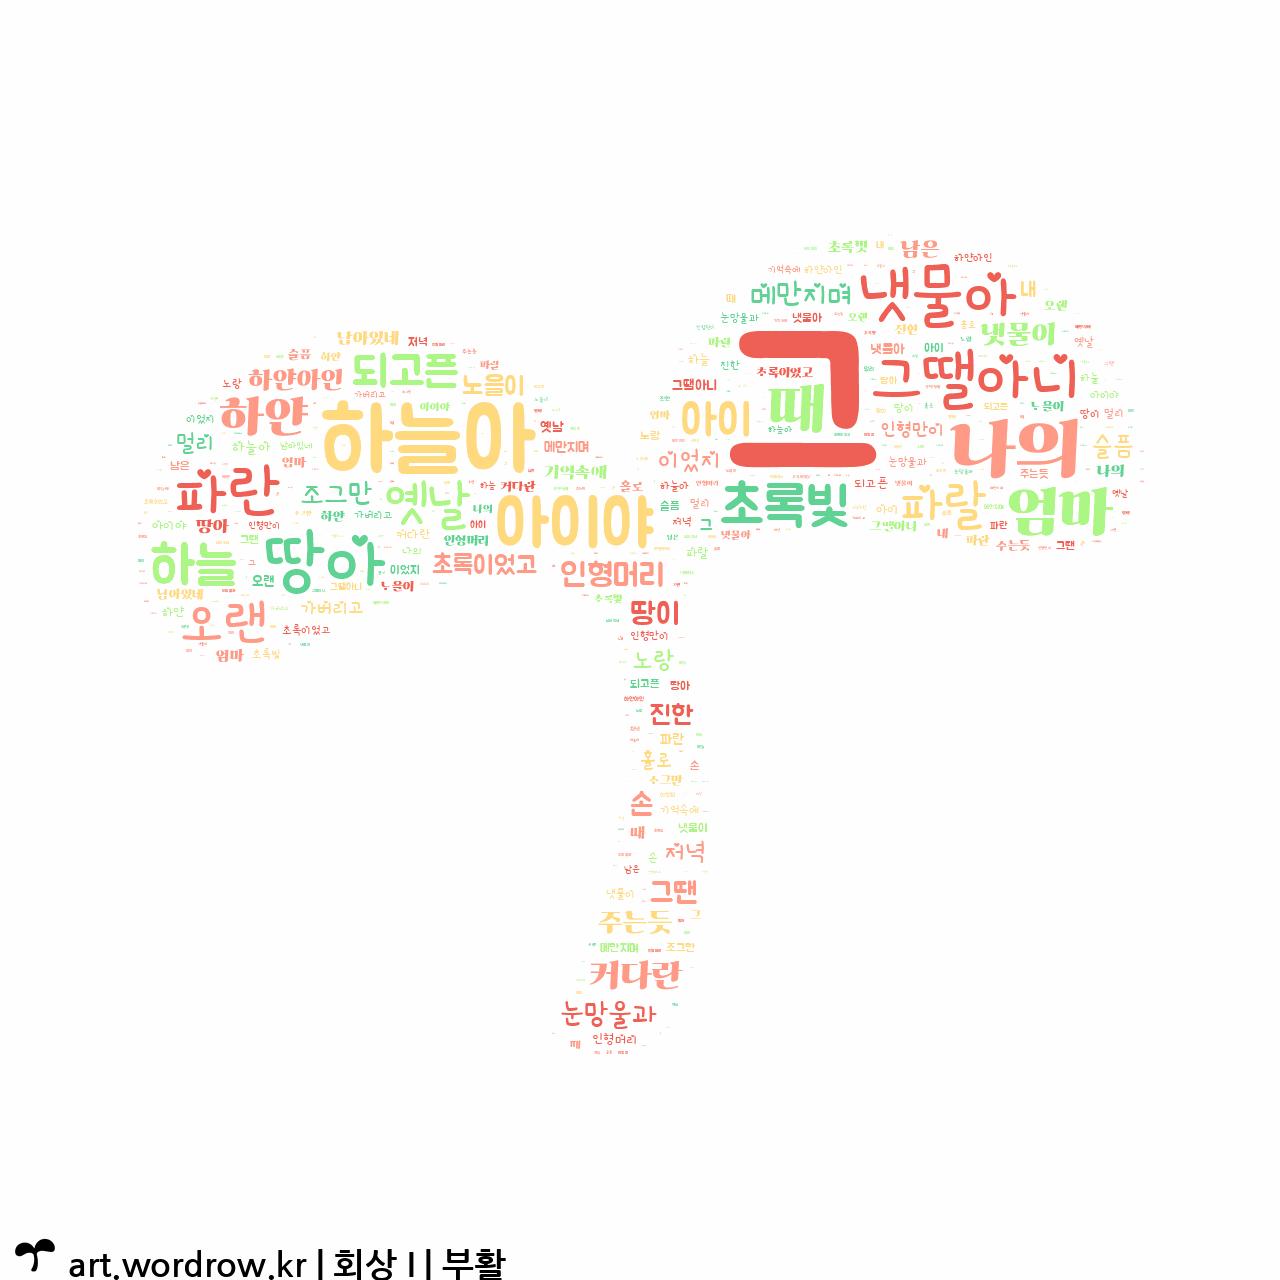 워드 클라우드: 회상 I [부활]-10